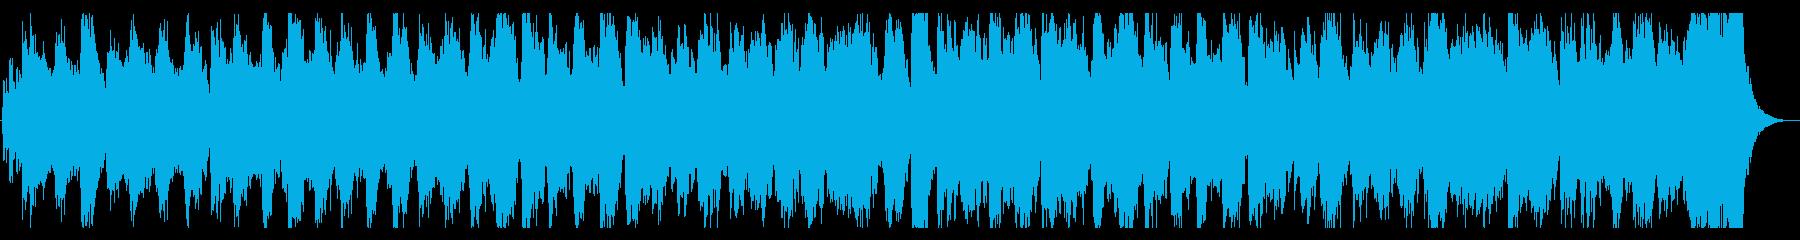 神々しい✡都市伝説の為の✡合唱と打楽器★の再生済みの波形